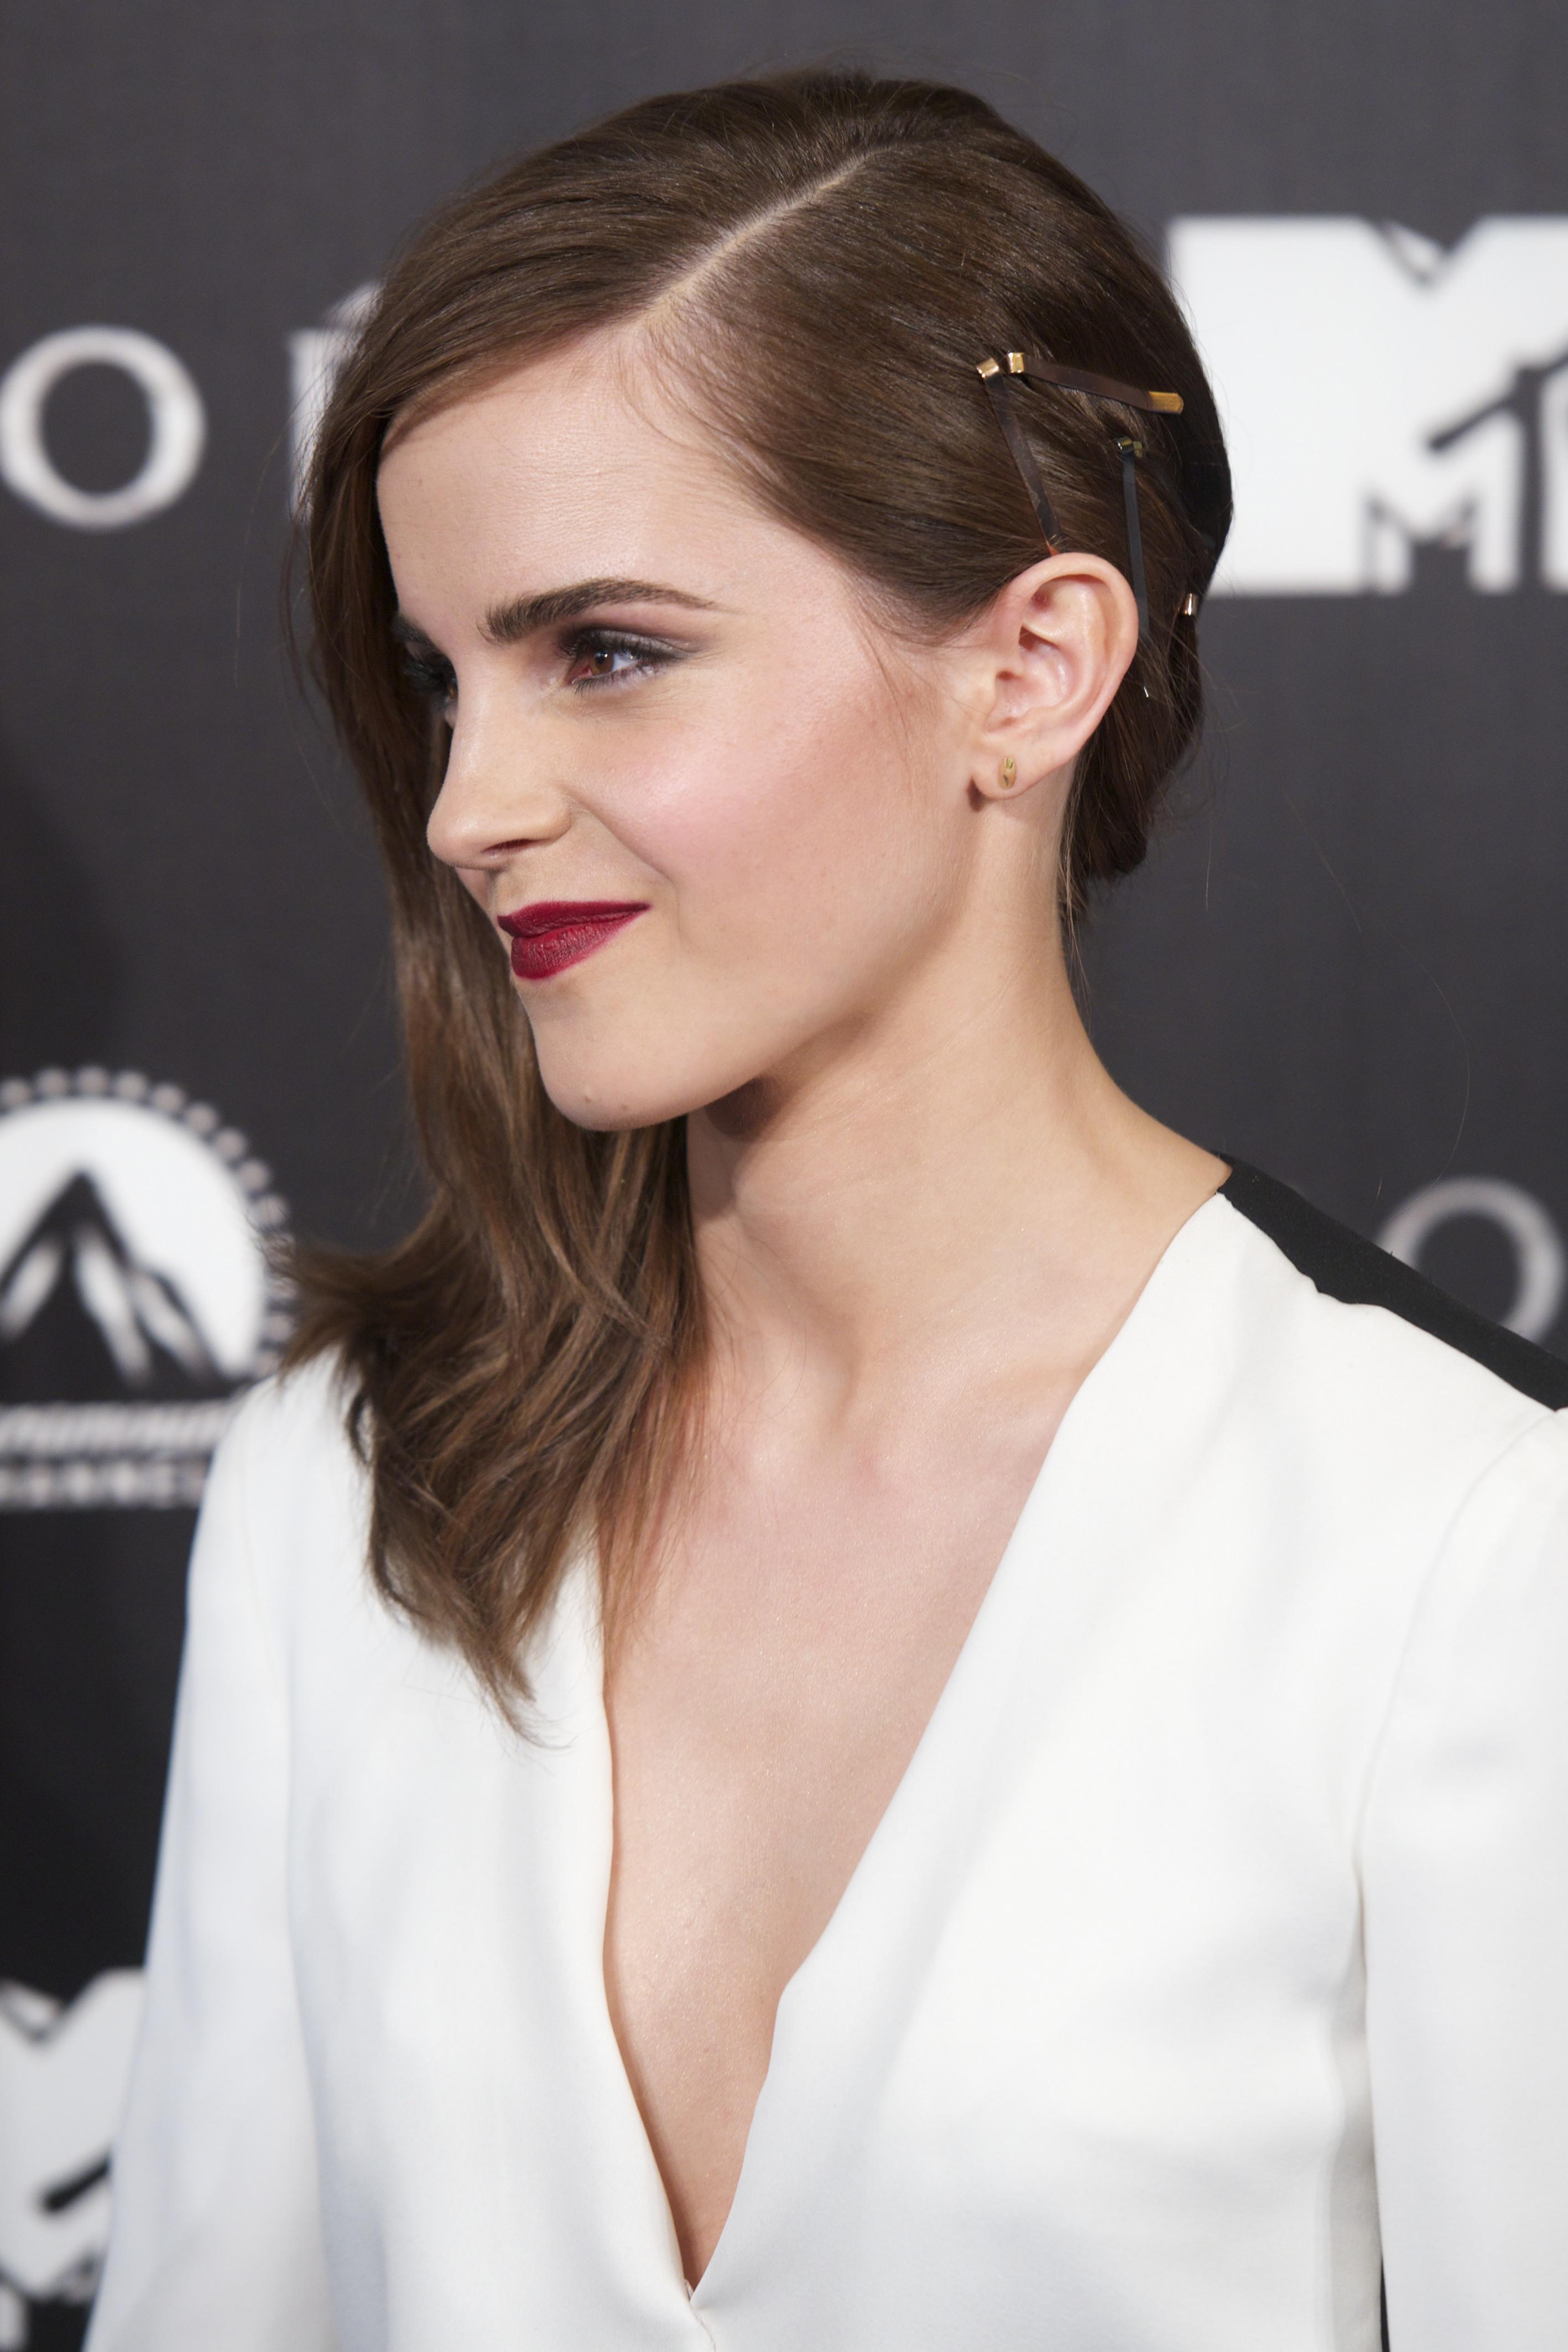 Emma Watson Hollywood Actress 40 Fantastic Photos: Queen Of The Week : Emma Watson